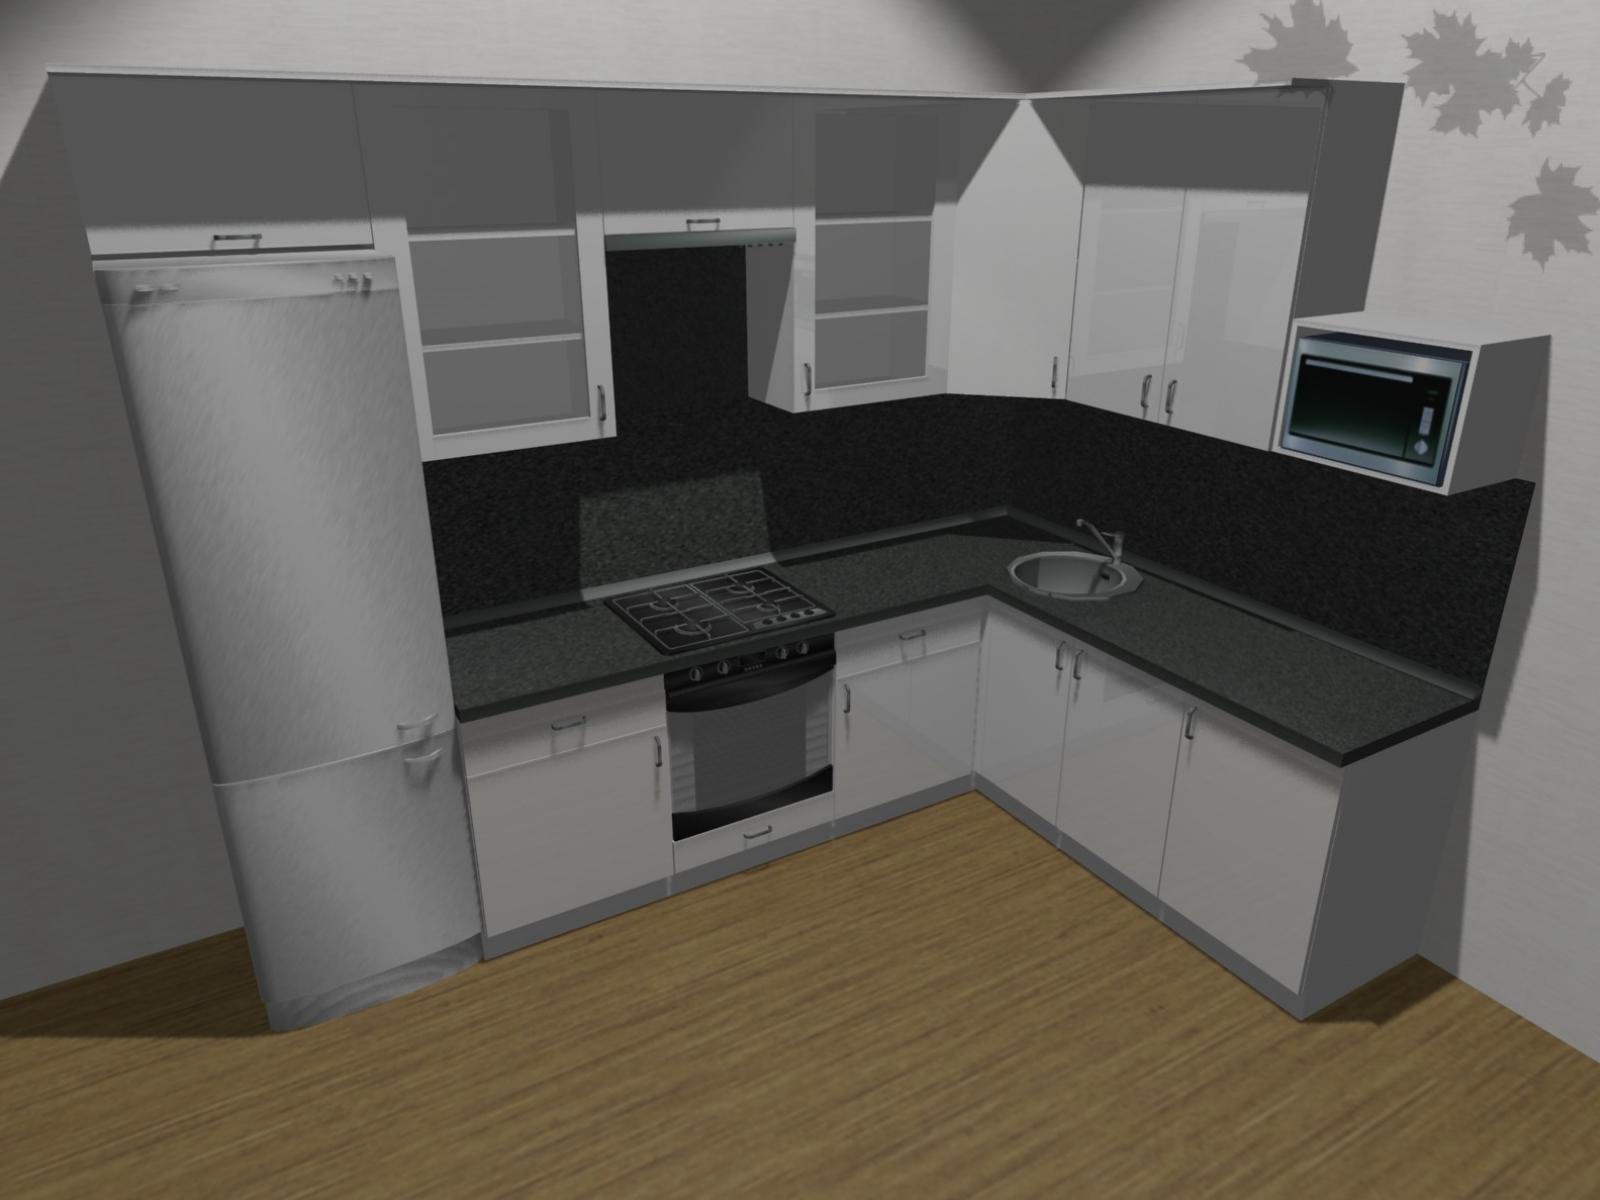 Как правильно расположить технику на кухне